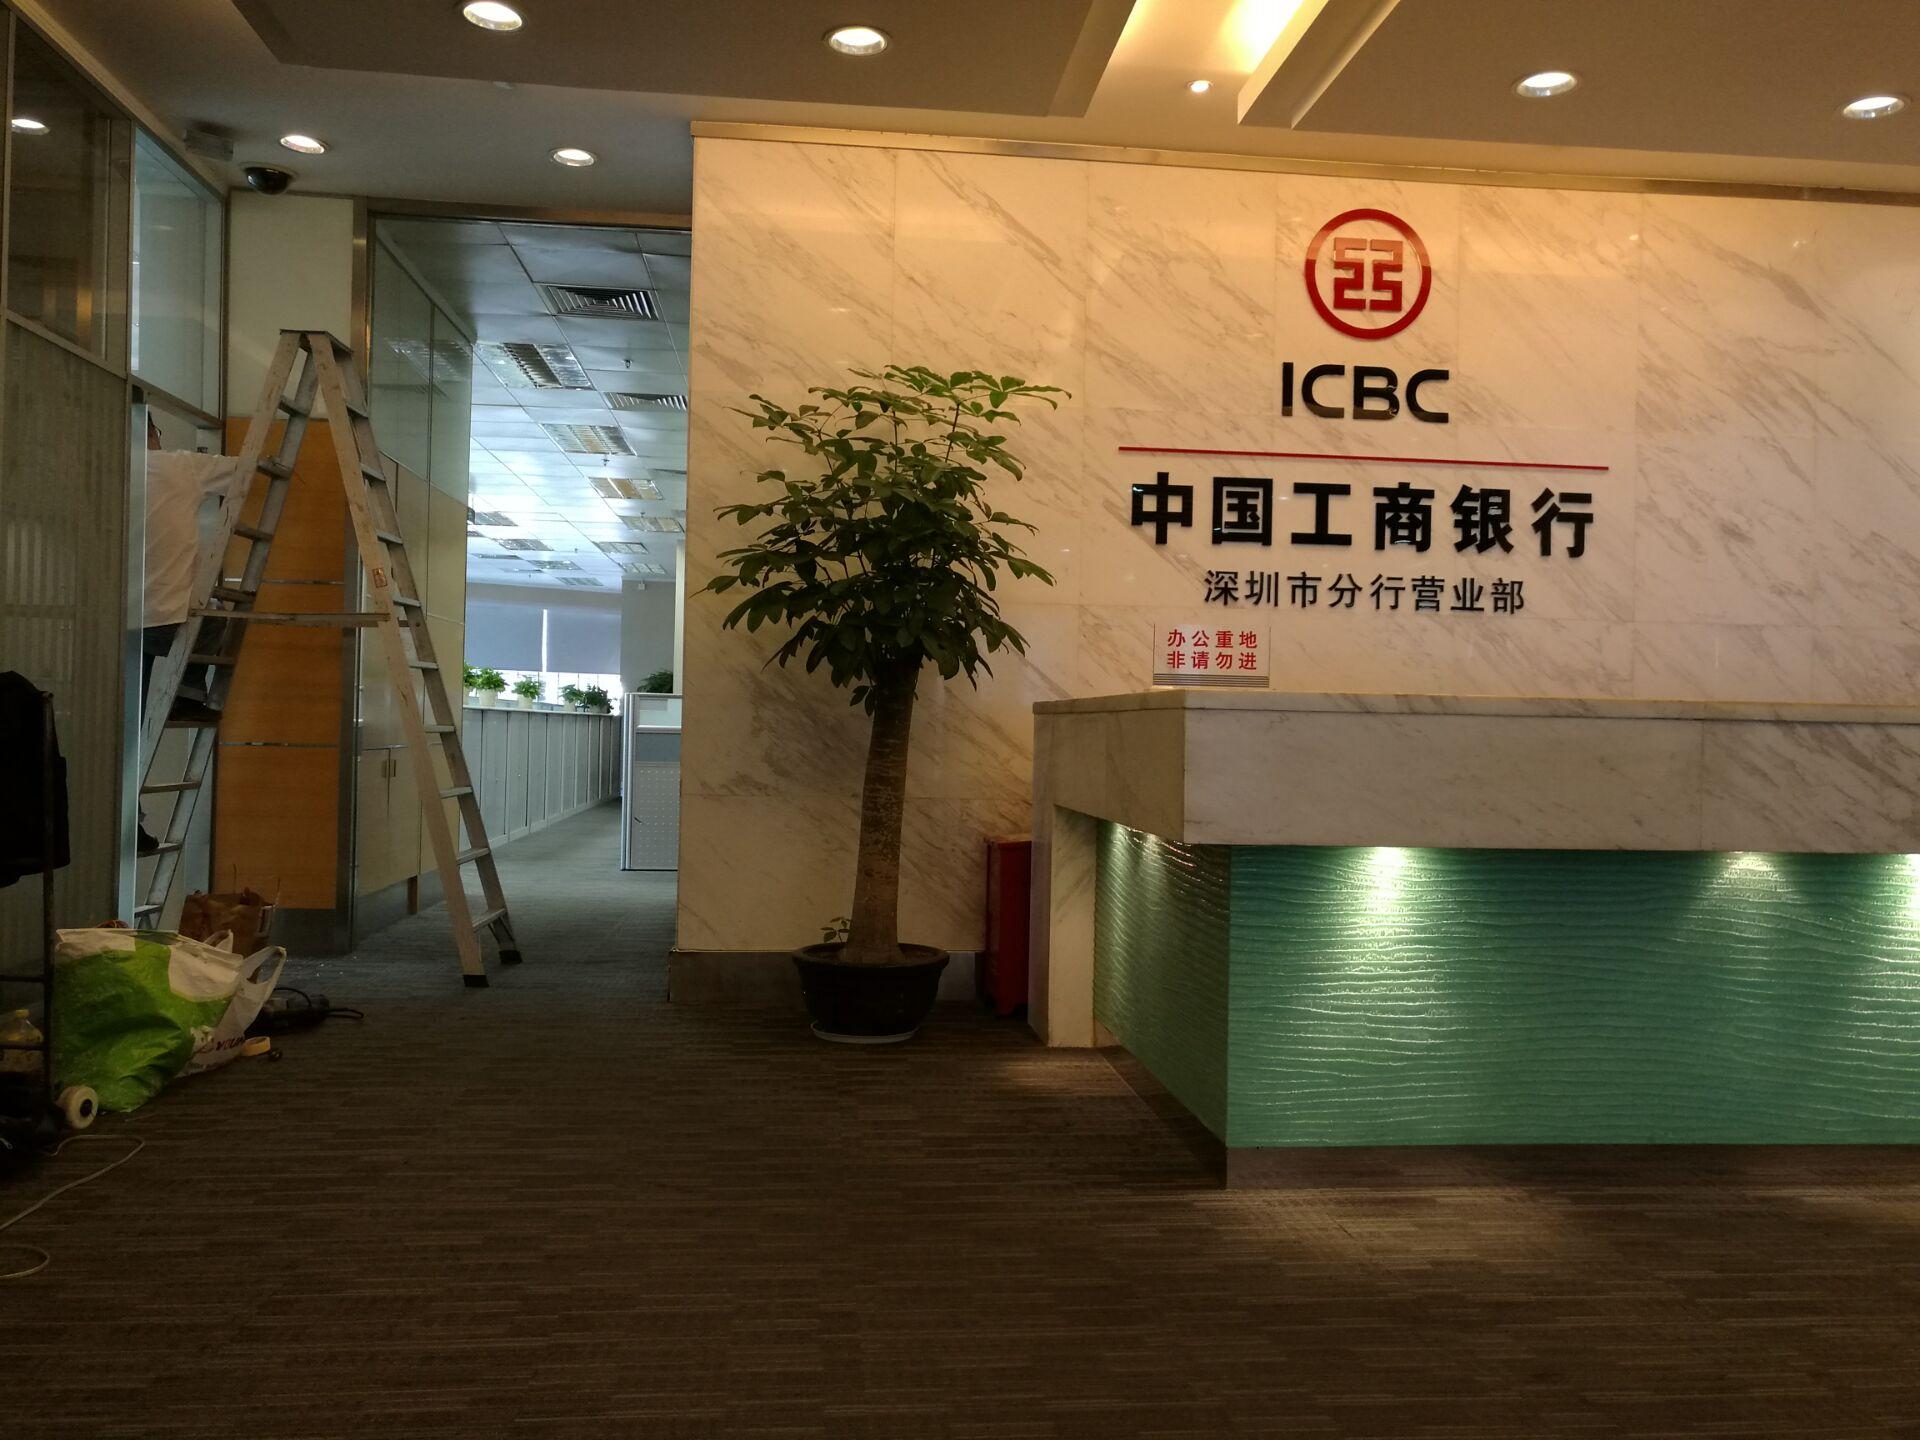 深圳市工商银行分行营业厅门禁系统升级改造